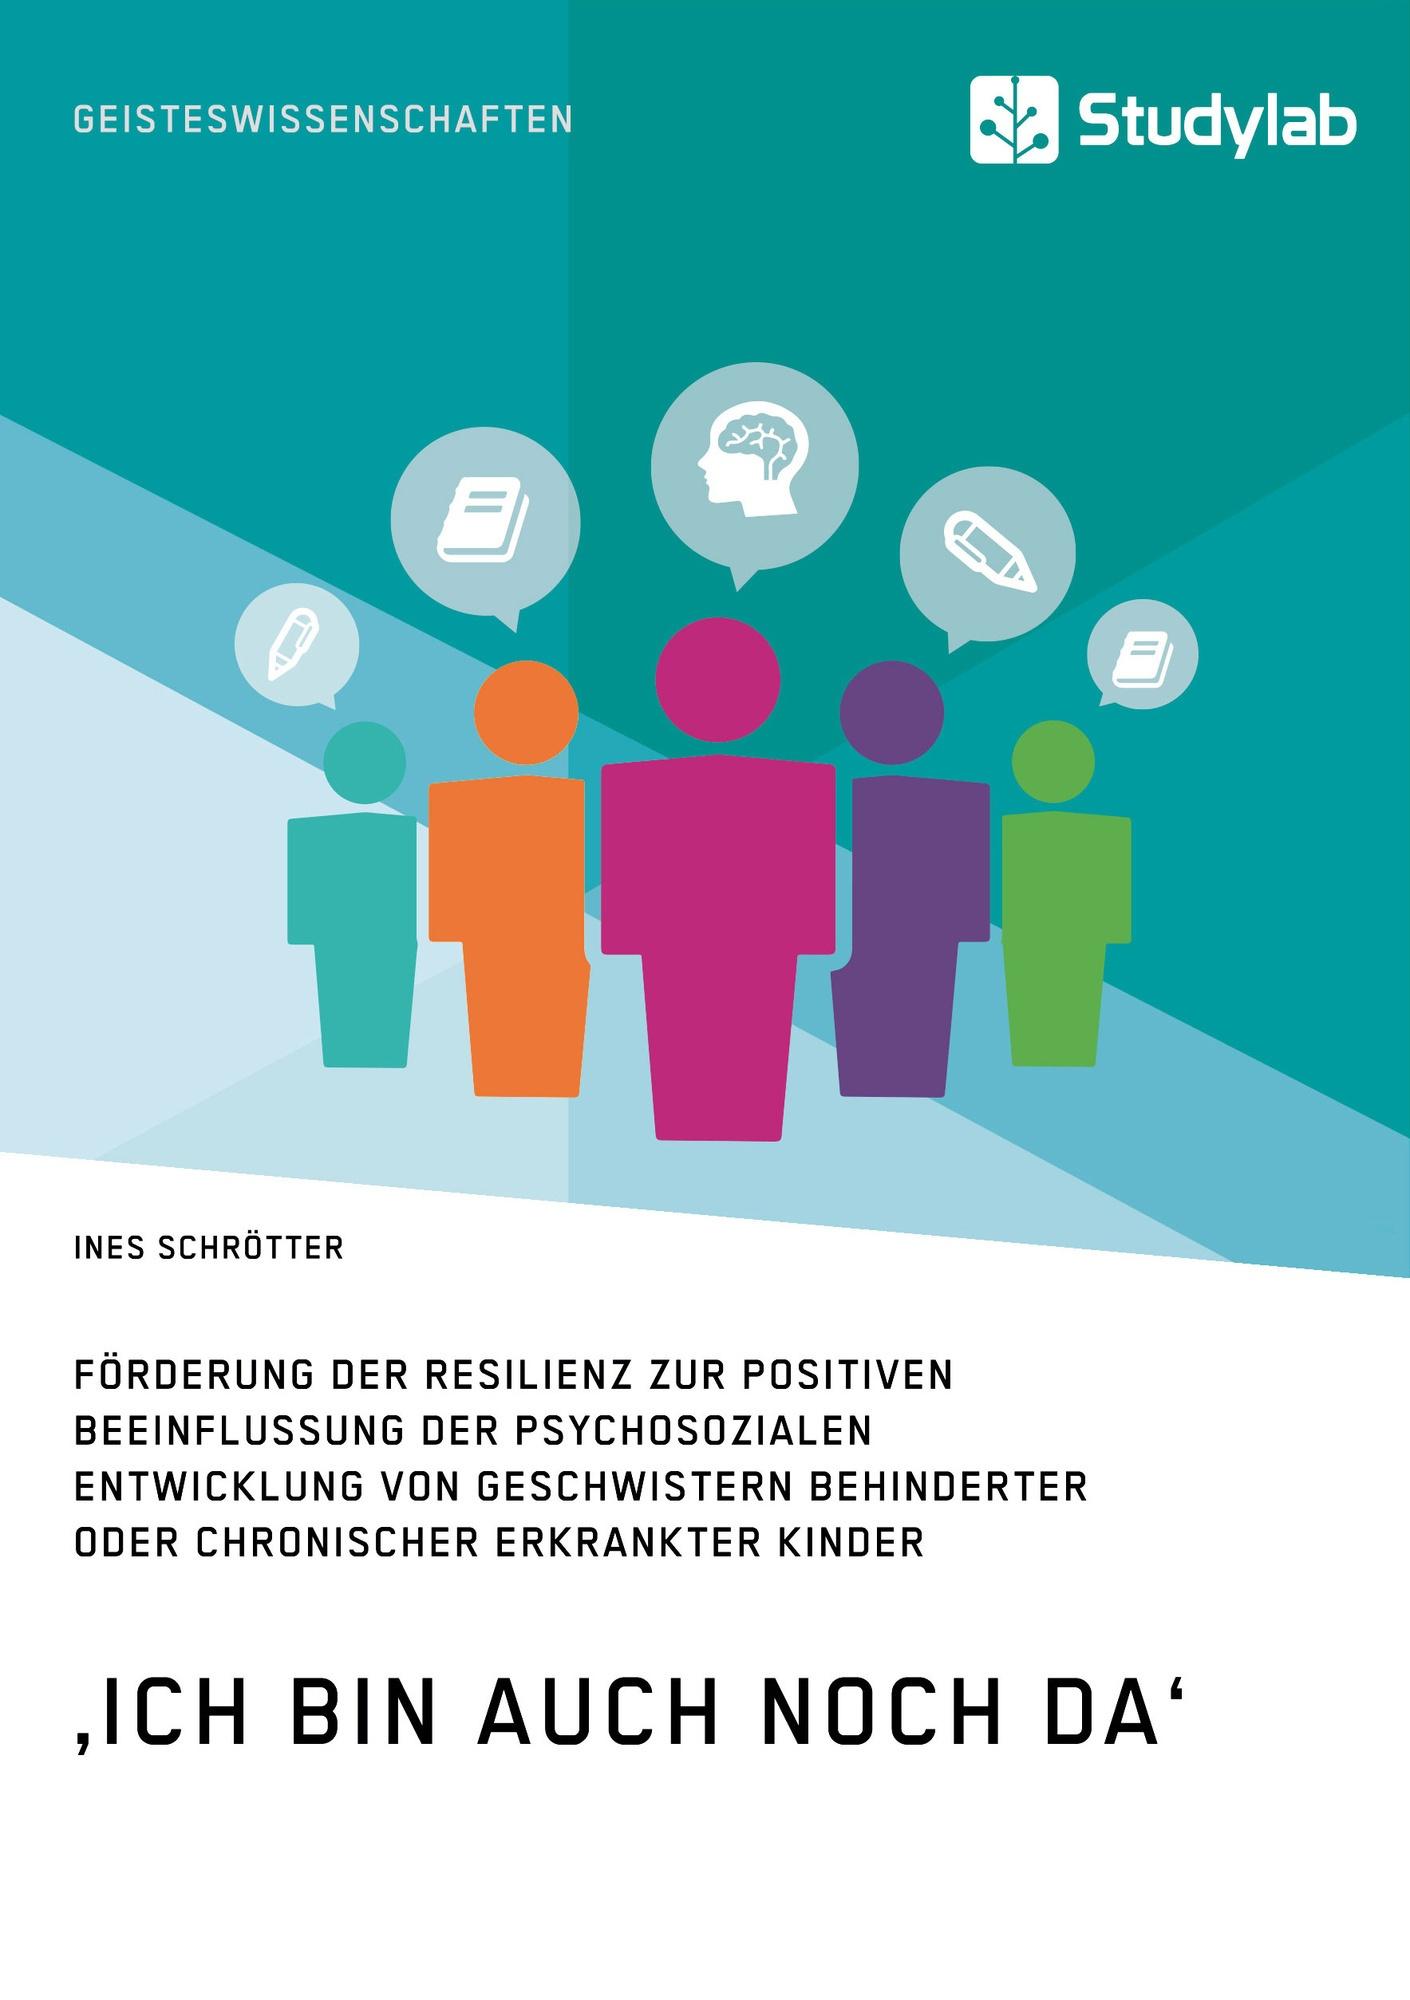 Titel: 'Ich bin auch noch da'. Förderung der Resilienz zur positiven Beeinflussung der psychosozialen Entwicklung von Geschwistern behinderter oder chronischer erkrankter Kinder